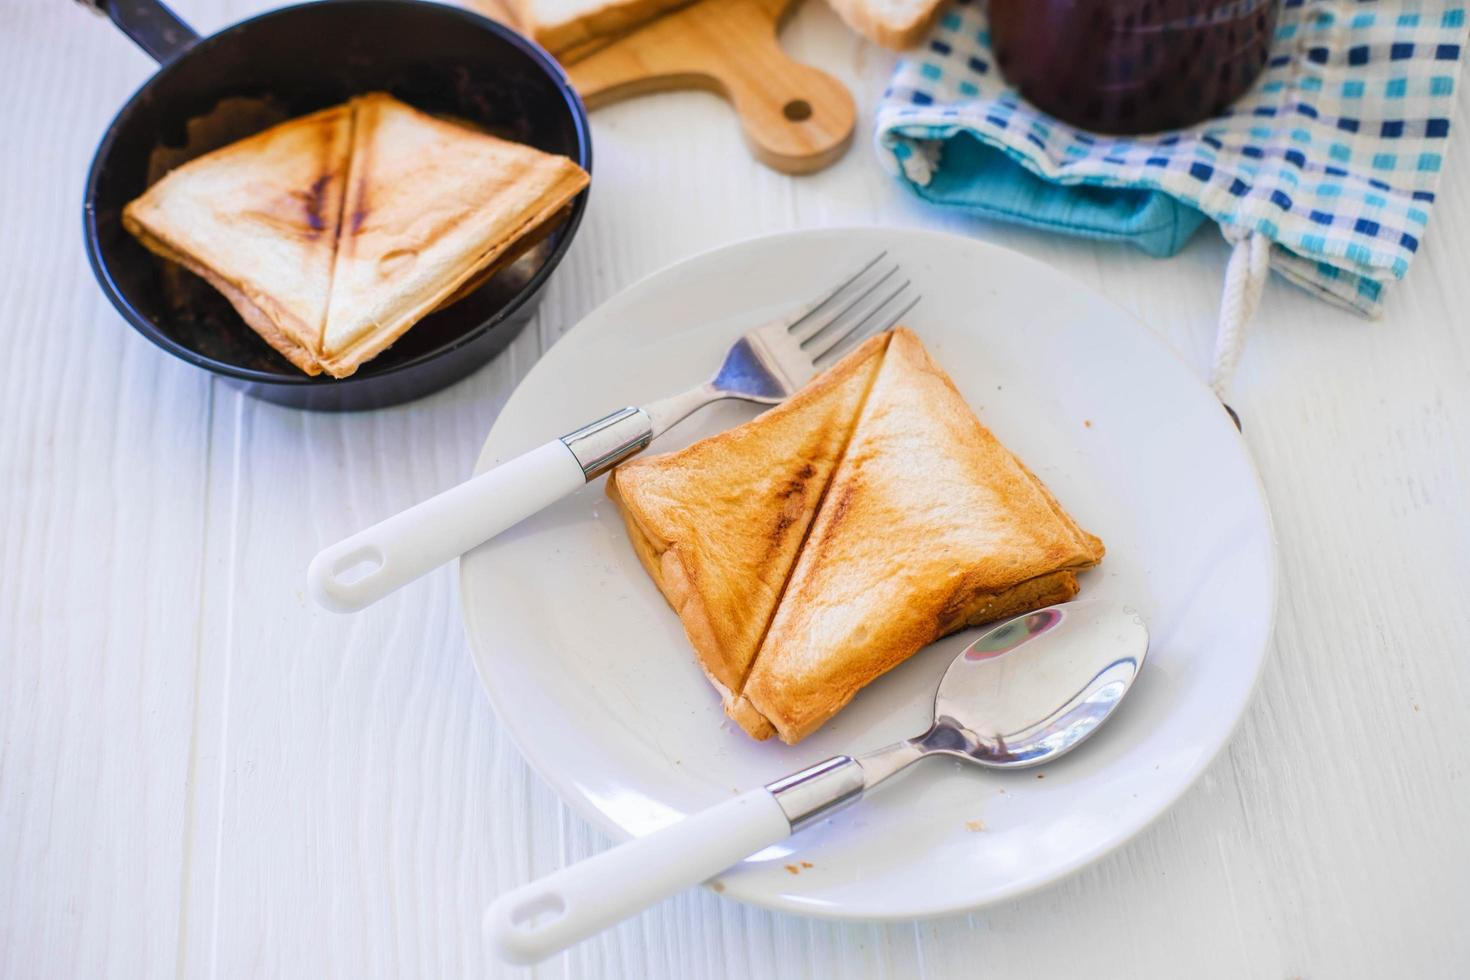 pan tostado tostado saliendo de una tostadora de acero inoxidable en la cocina de una casa. foto